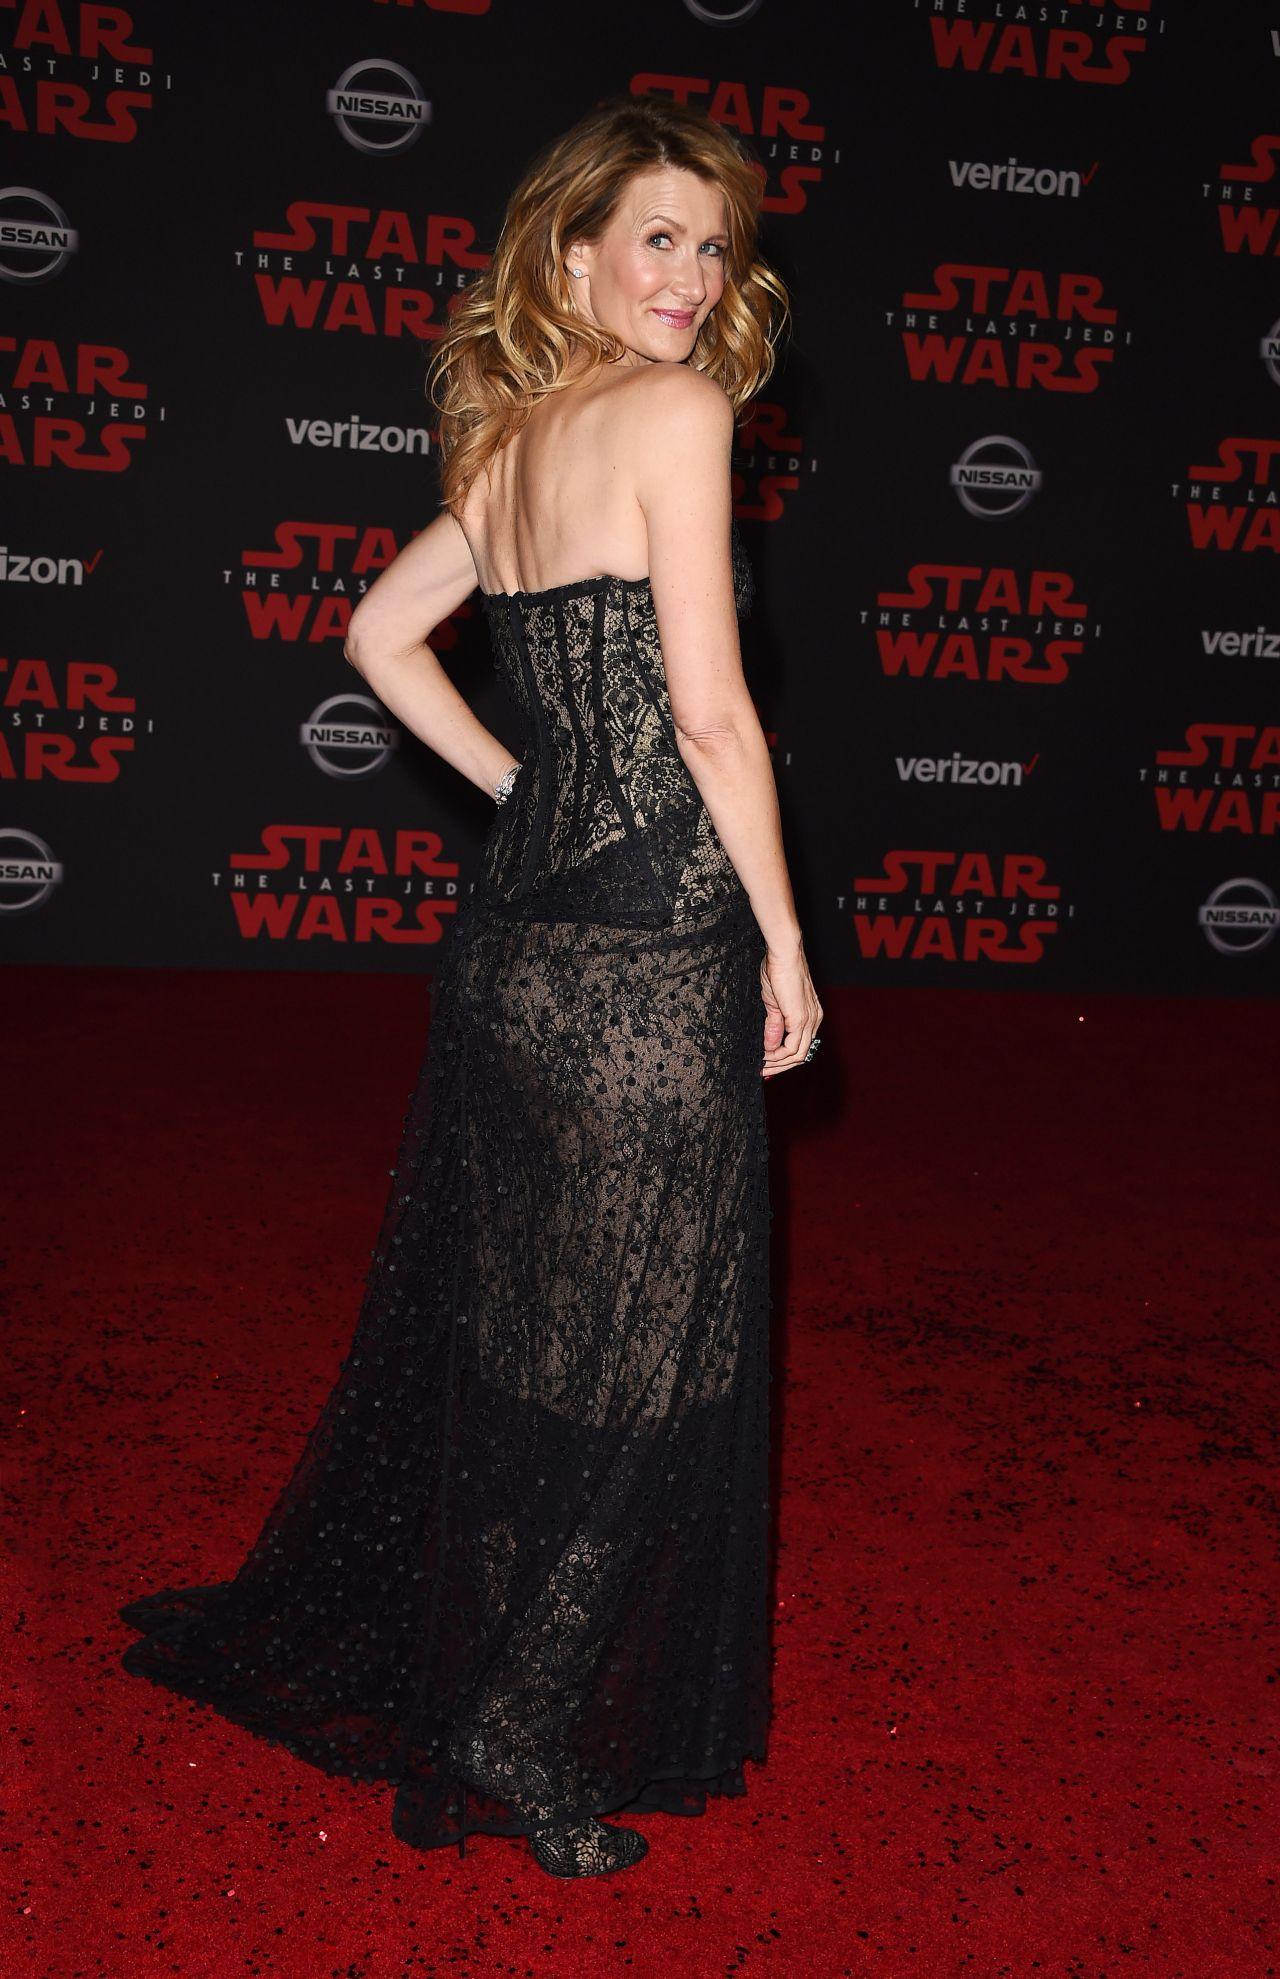 Star Wars Vanity Fair